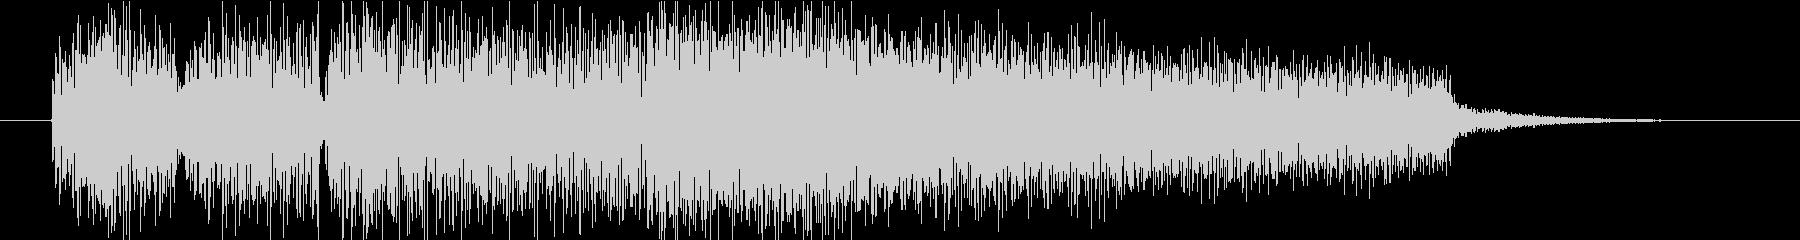 サウンドロゴ(エレキピアノ・しっとり)の未再生の波形